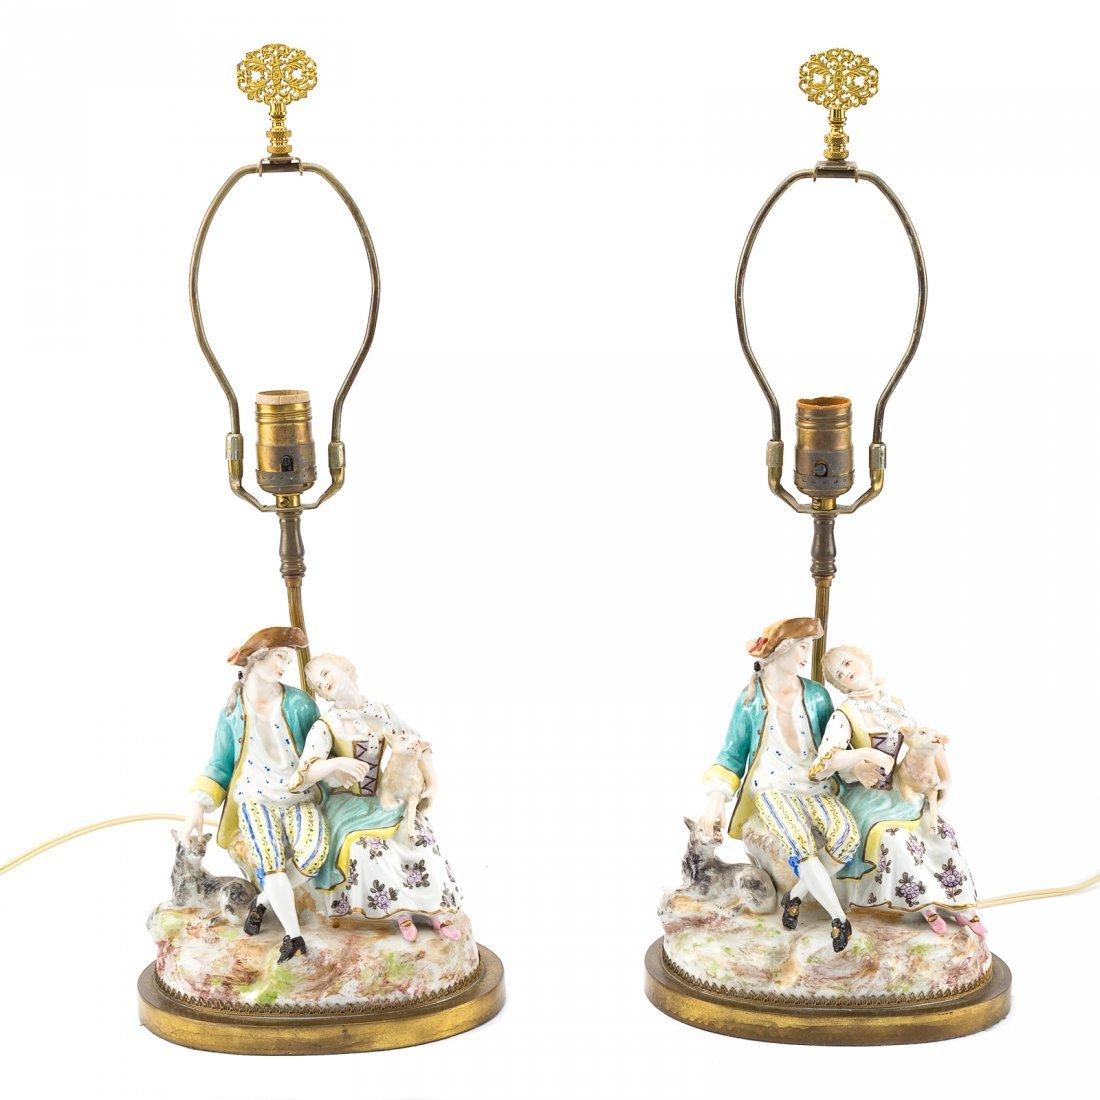 Pair Meissen style porcelain figural lamps - 2